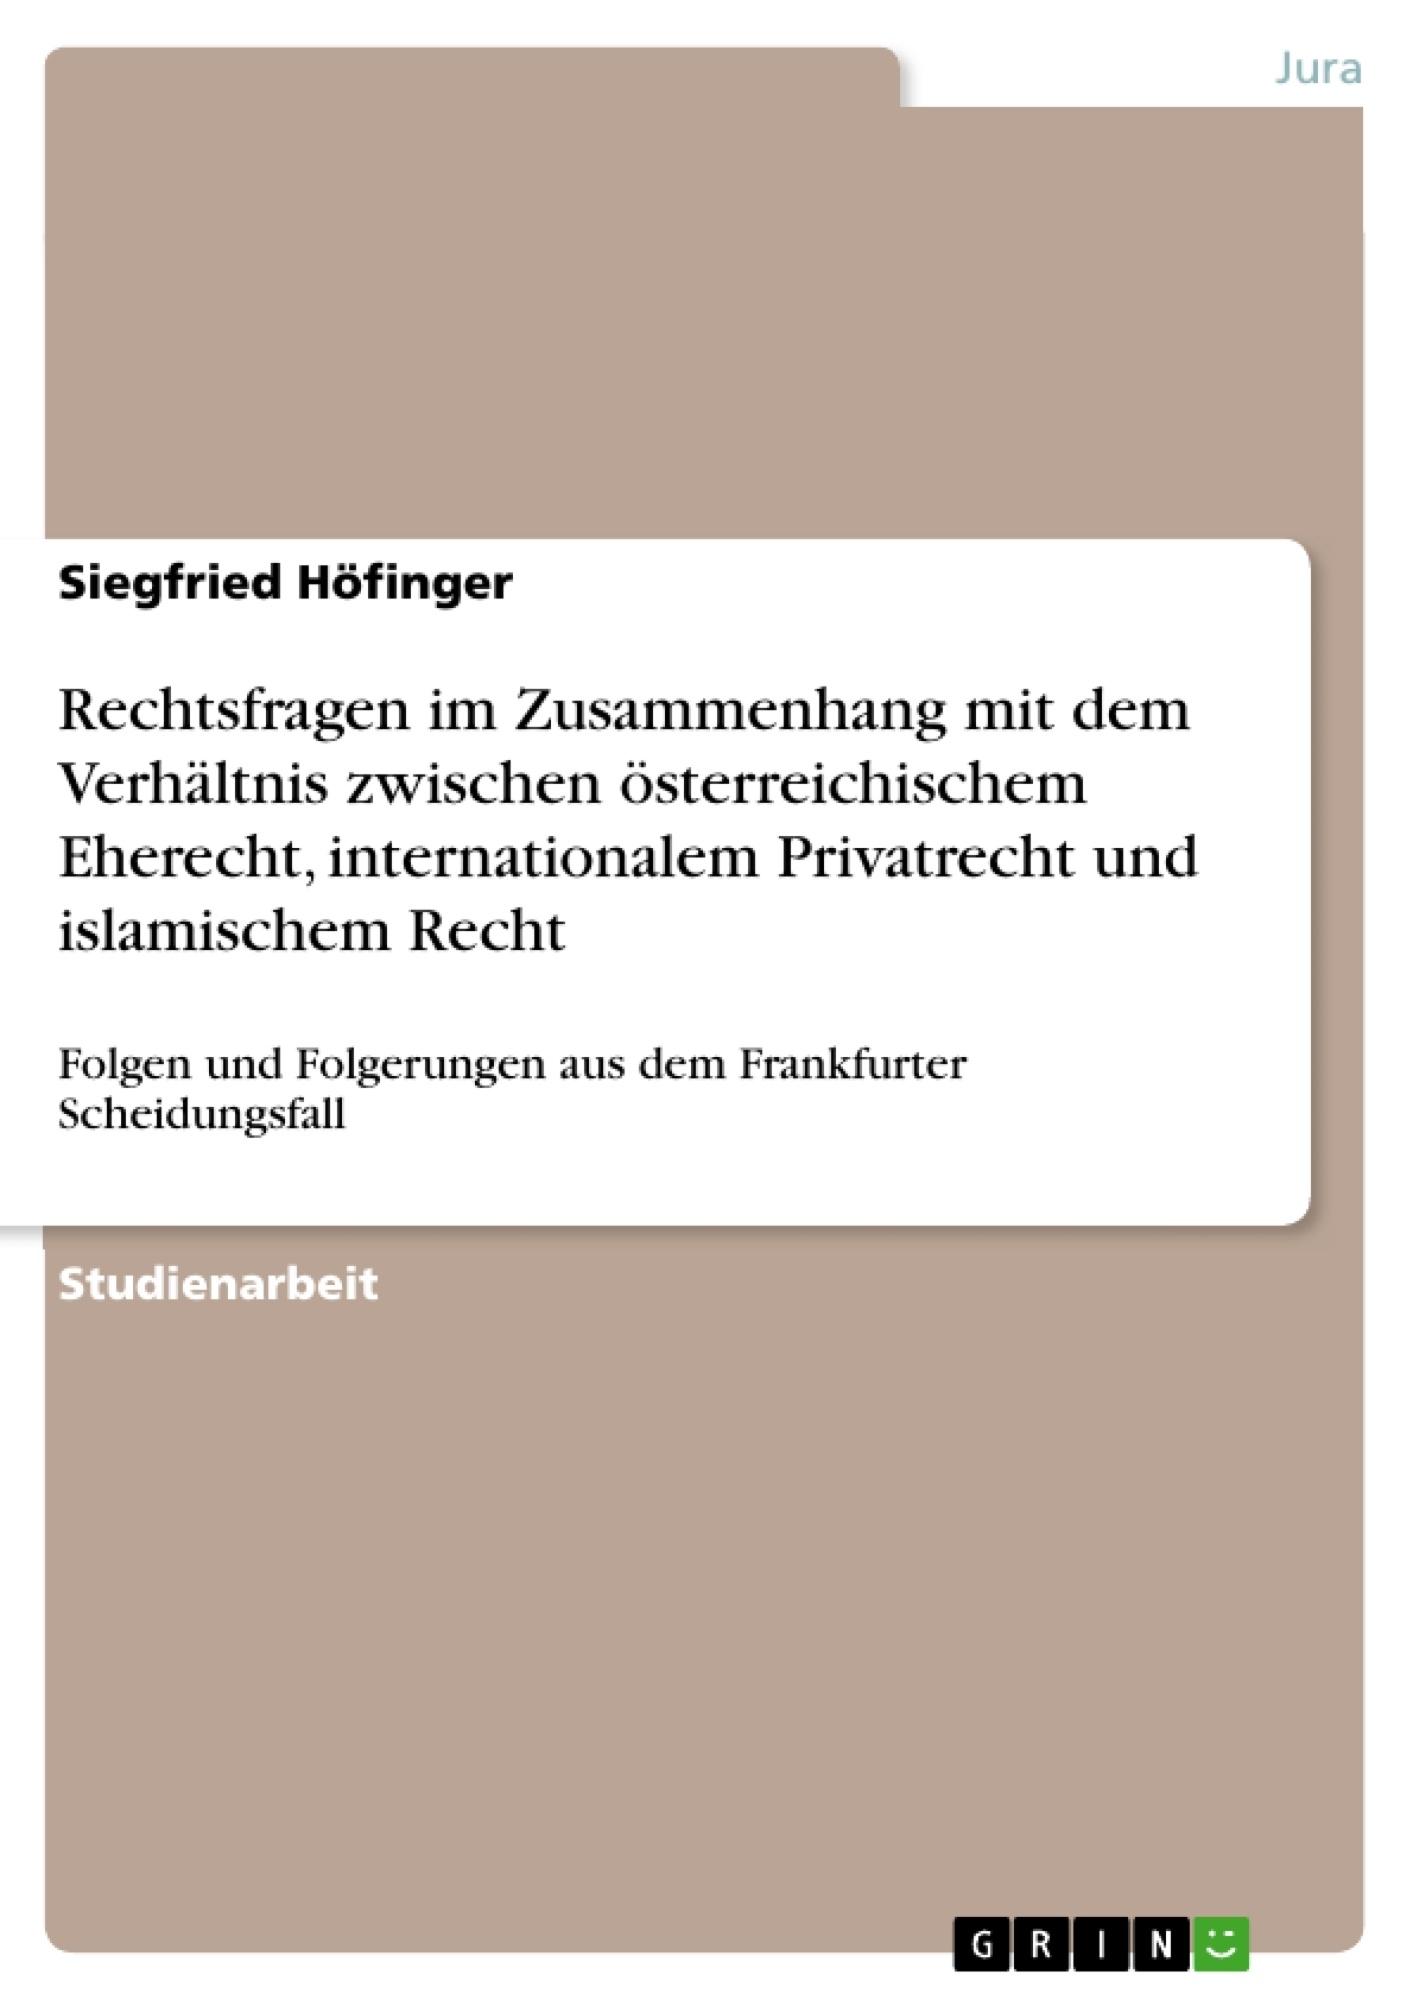 Titel: Rechtsfragen im Zusammenhang mit dem Verhältnis zwischen österreichischem Eherecht, internationalem Privatrecht und islamischem Recht